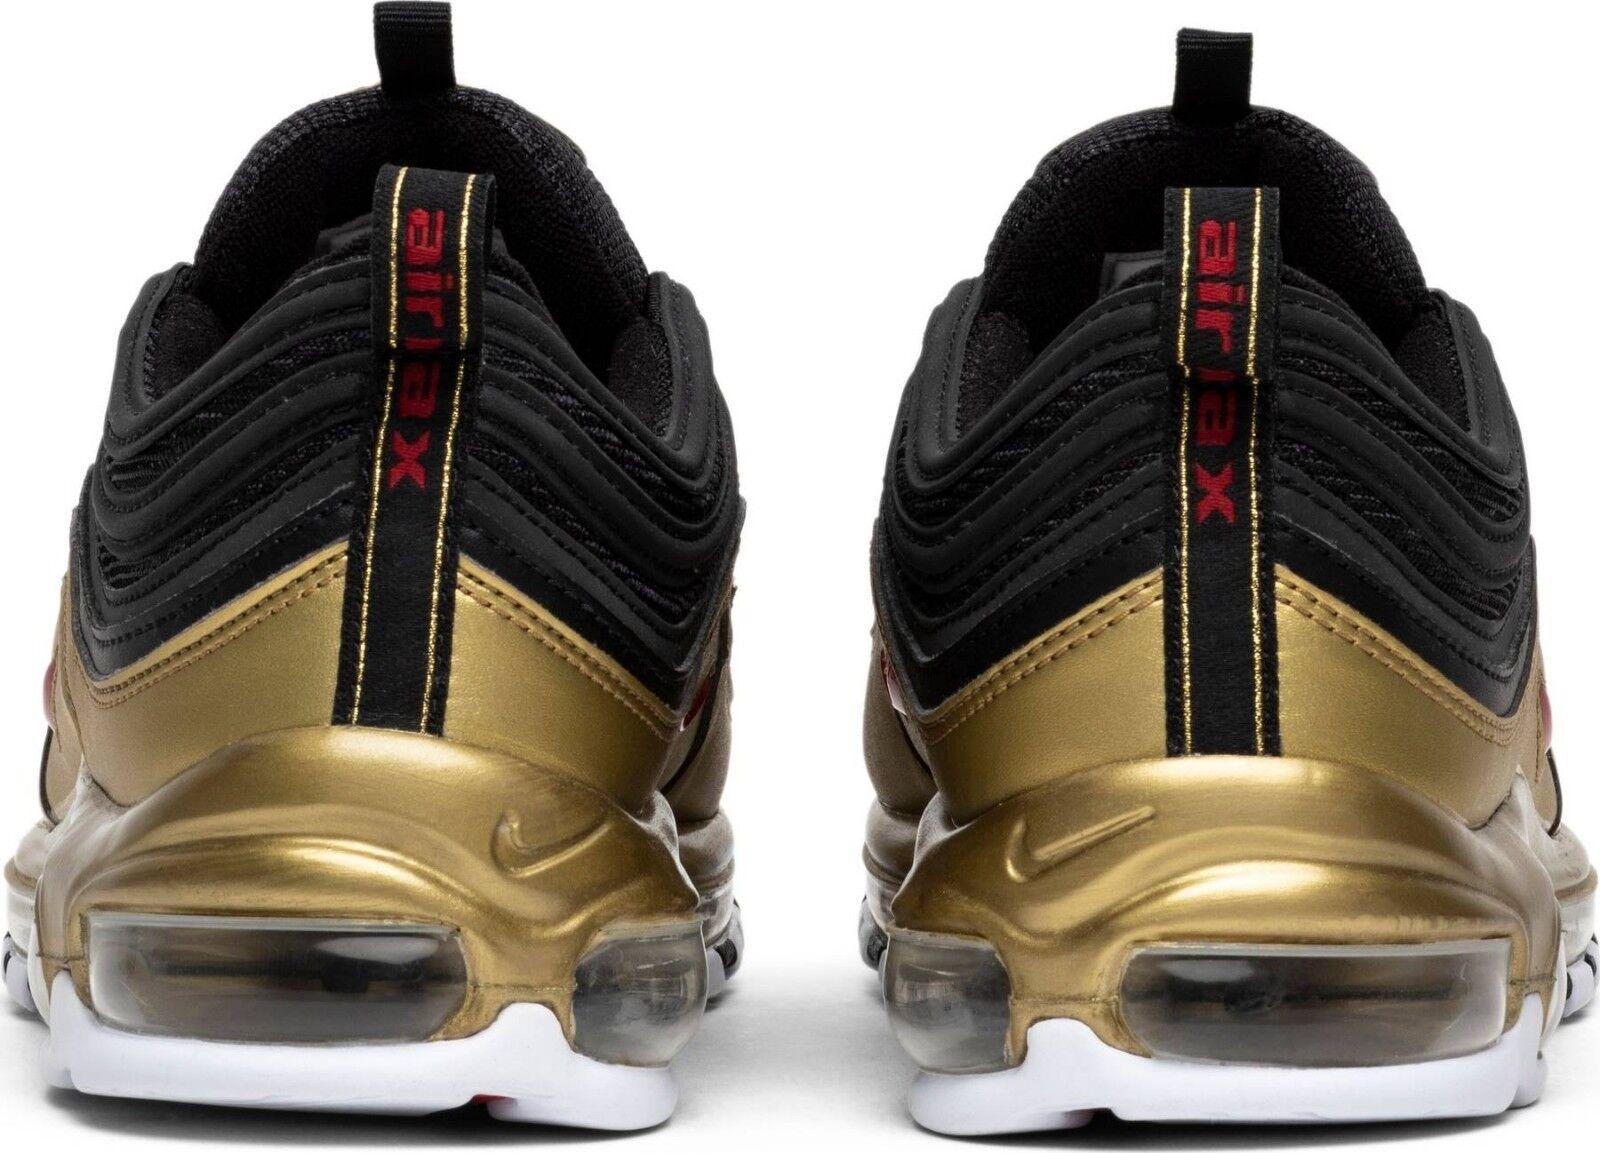 Nike Air Max 97 QS AT5458-002 AT5458-002 AT5458-002 'Metallic Gold' sz 4-13 6a1e9e